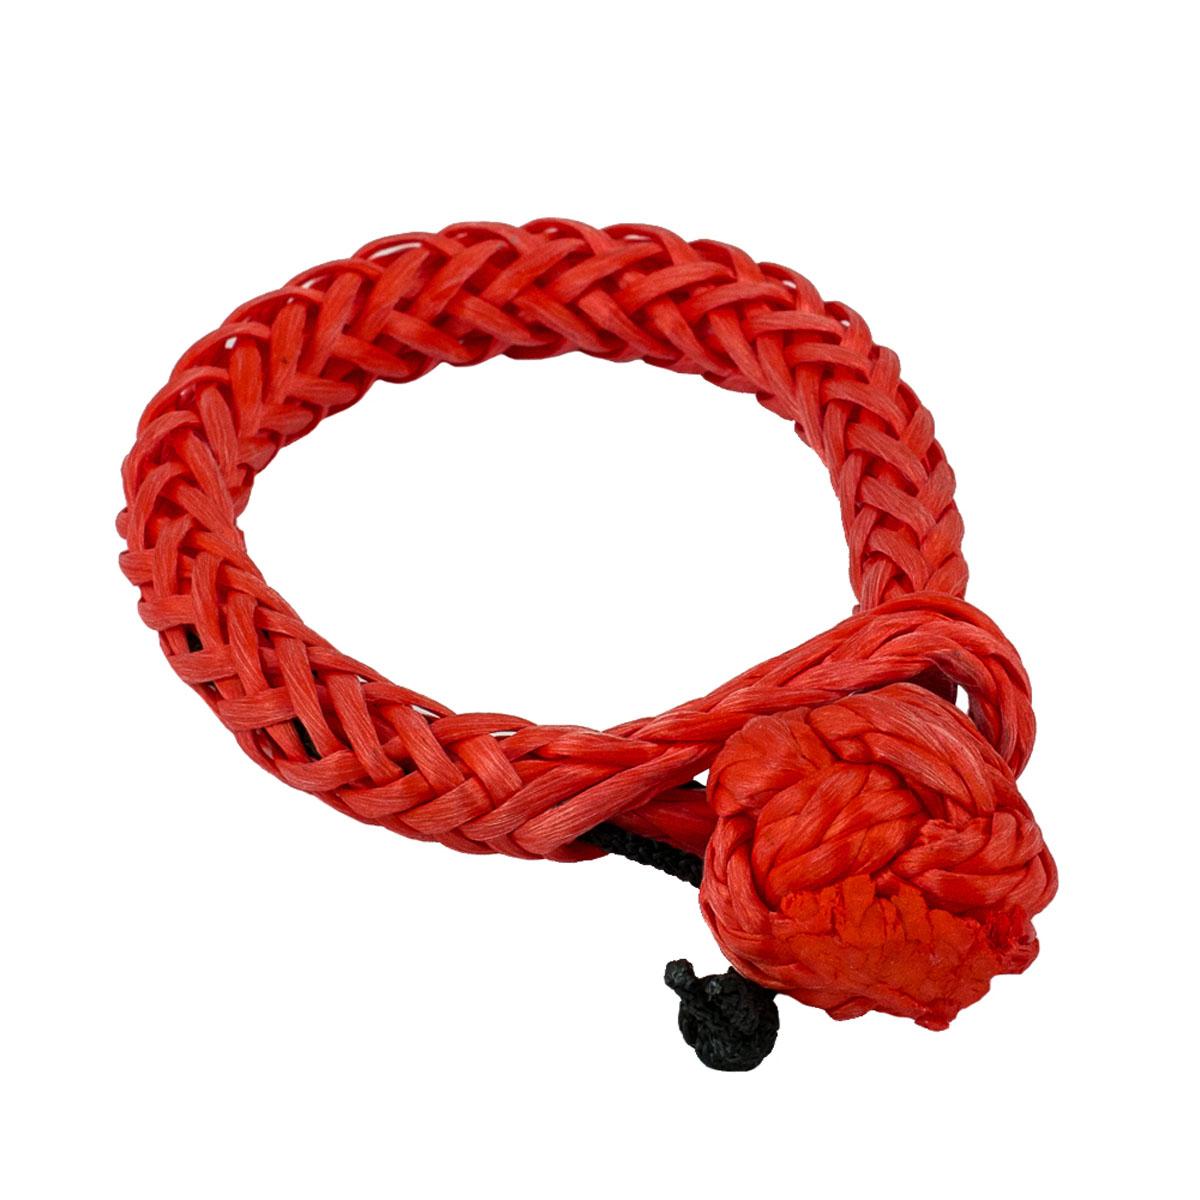 Софт-шакл PRO-4x4, цвет: красный, диаметр 8 ммPRO-SHS-000008Мягкий или софт-шакл изготовлен из синтетического троса и предназначен для крепления строп к проушинам автомобиля, а также соединению между собой тросов, удлинителей и т.п.Преимущества софт-шакла:Вес.Травмобезопасность при использовании в отношении людей и кузовных деталей.Отсутствие деталей и как следствие невозможность их потери.Возможность использования с проушинами сложной формы или малого размера.Прост в использовании, не закусывает при рывке и не требует наличия физической силы или инструмента.Не ржавеет.Технические характеристики:Материал - синтетический трос Dyneema 8 мм.Вес - 55 г.Максимальная нагрузка - до 5200 кг.Диапазон рабочих температур от -35° С до +55°С.Длина - 340 мм.Диаметр кольца - 80 мм.